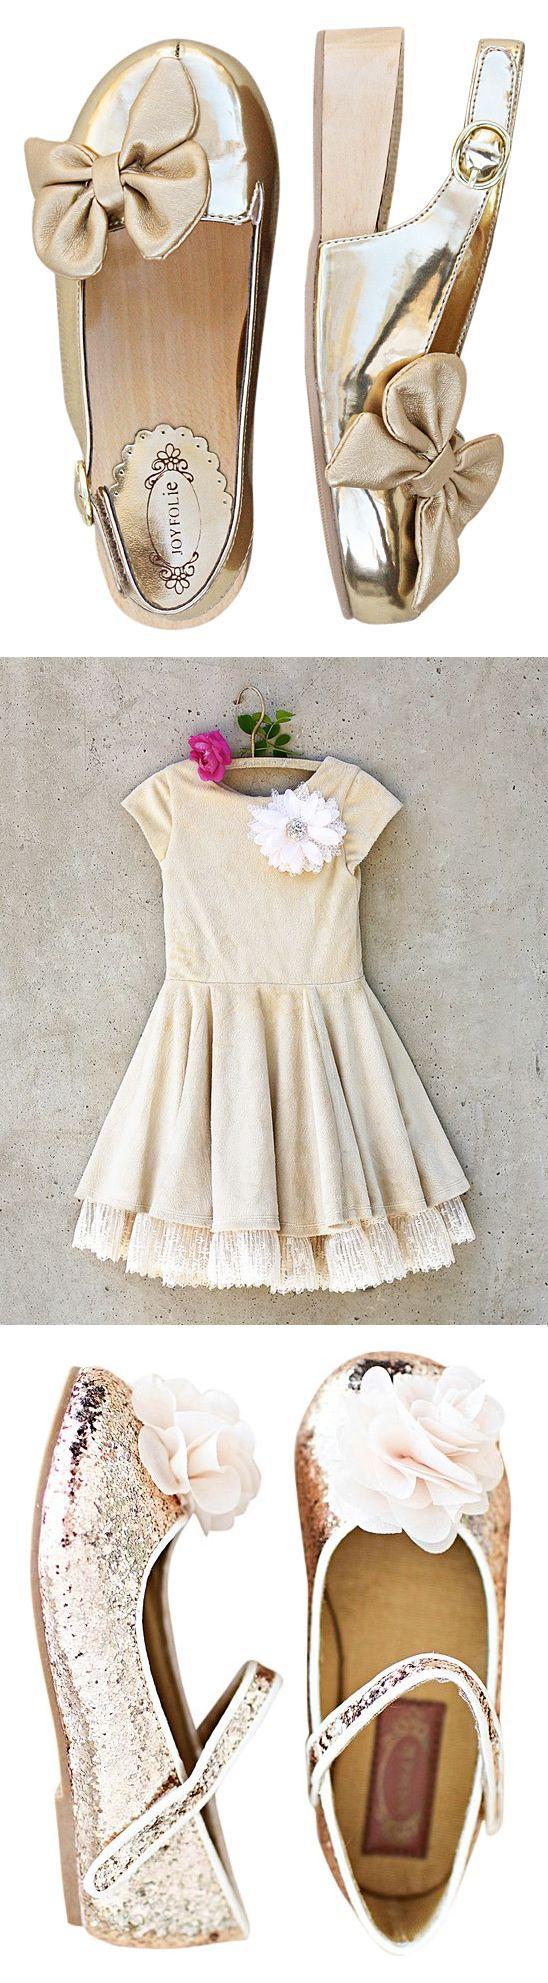 Toddler girl dresses, Girls dress shoes